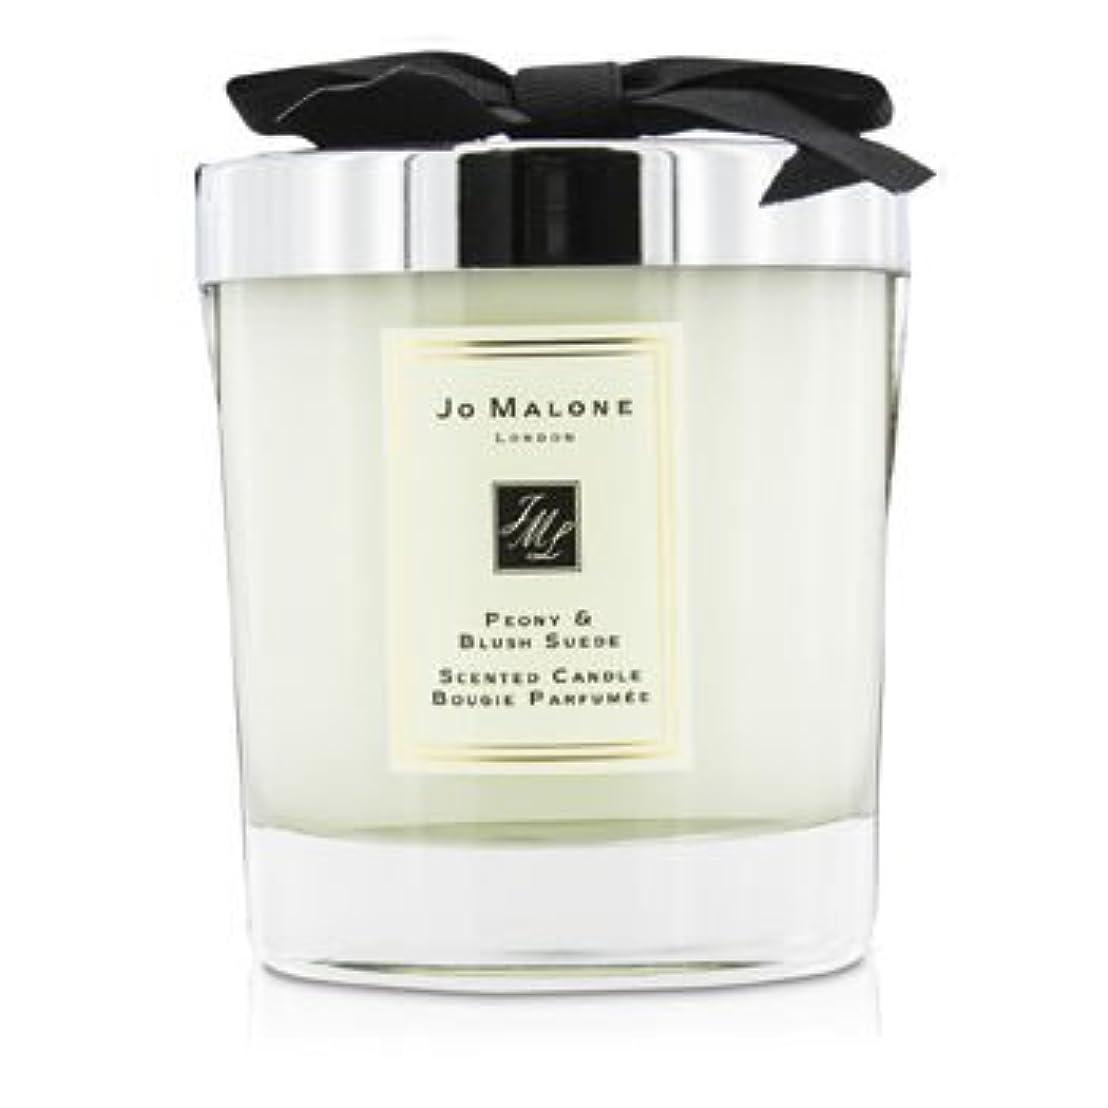 コンソール視線飾り羽[Jo Malone(ジョーマローン)] ピオニー&ブラッシュスエード香りのキャンドル 200g (2.5 inch)